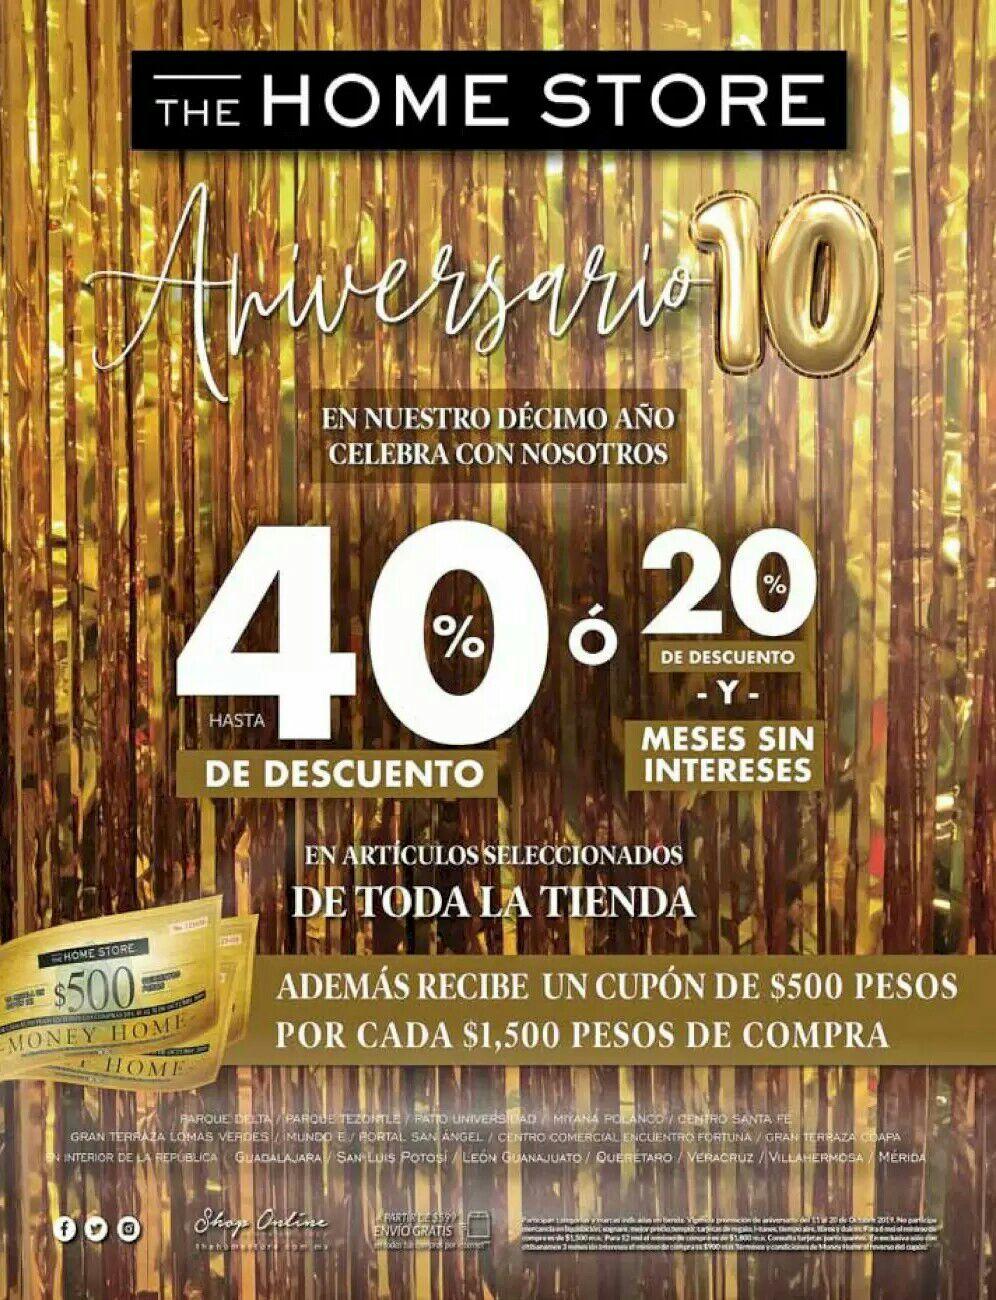 The Home Store: Aniversario 10: Hasta 40% de descuento... Ó... 20% de descuento + MSI... Y cupón de $500 por cada $1,500